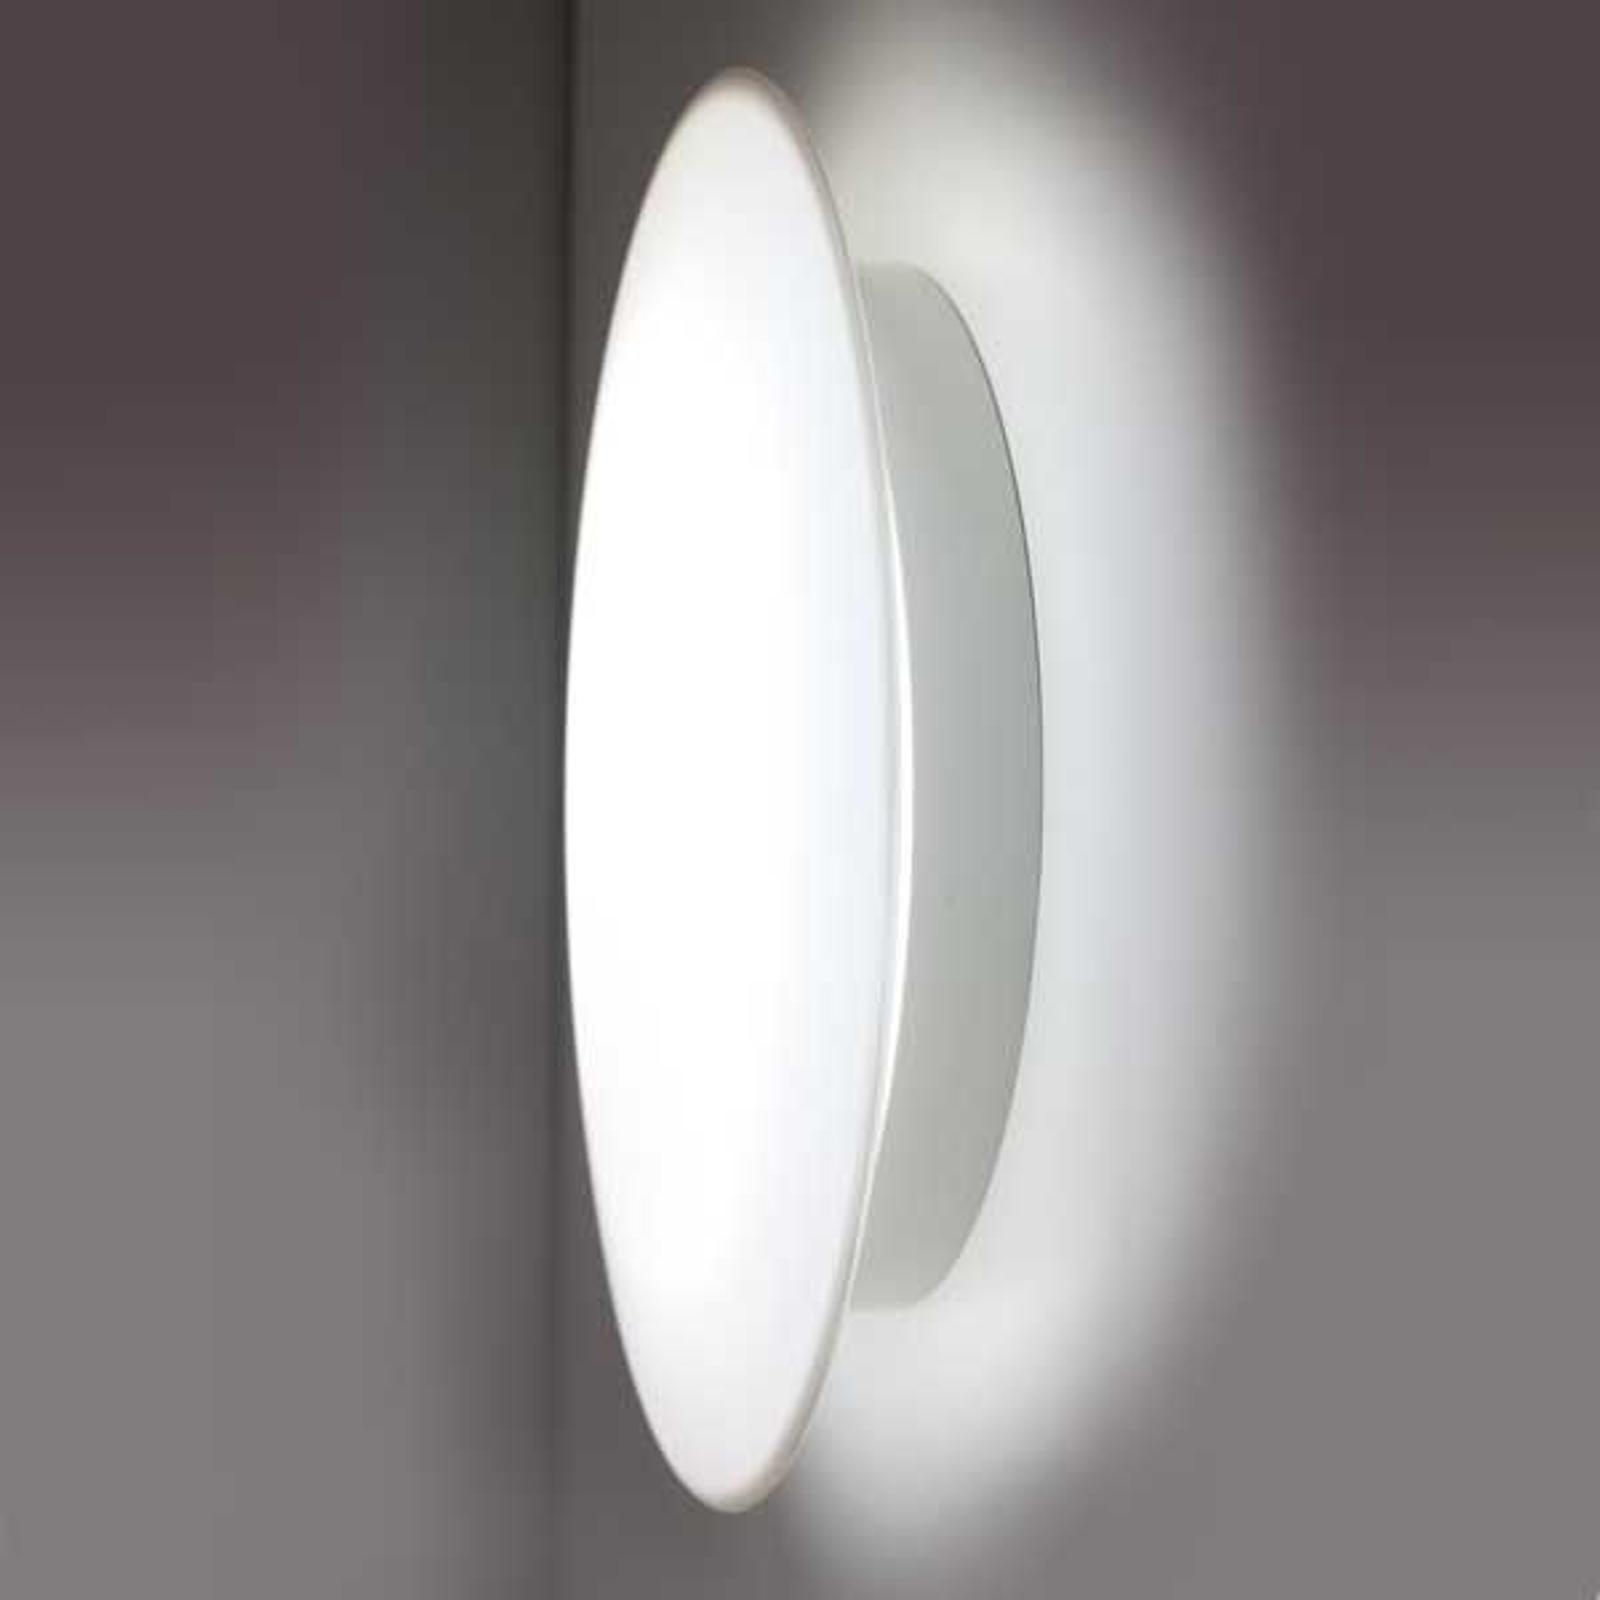 Nástenné plastové LED svietidlo Sun 3_1018157_1